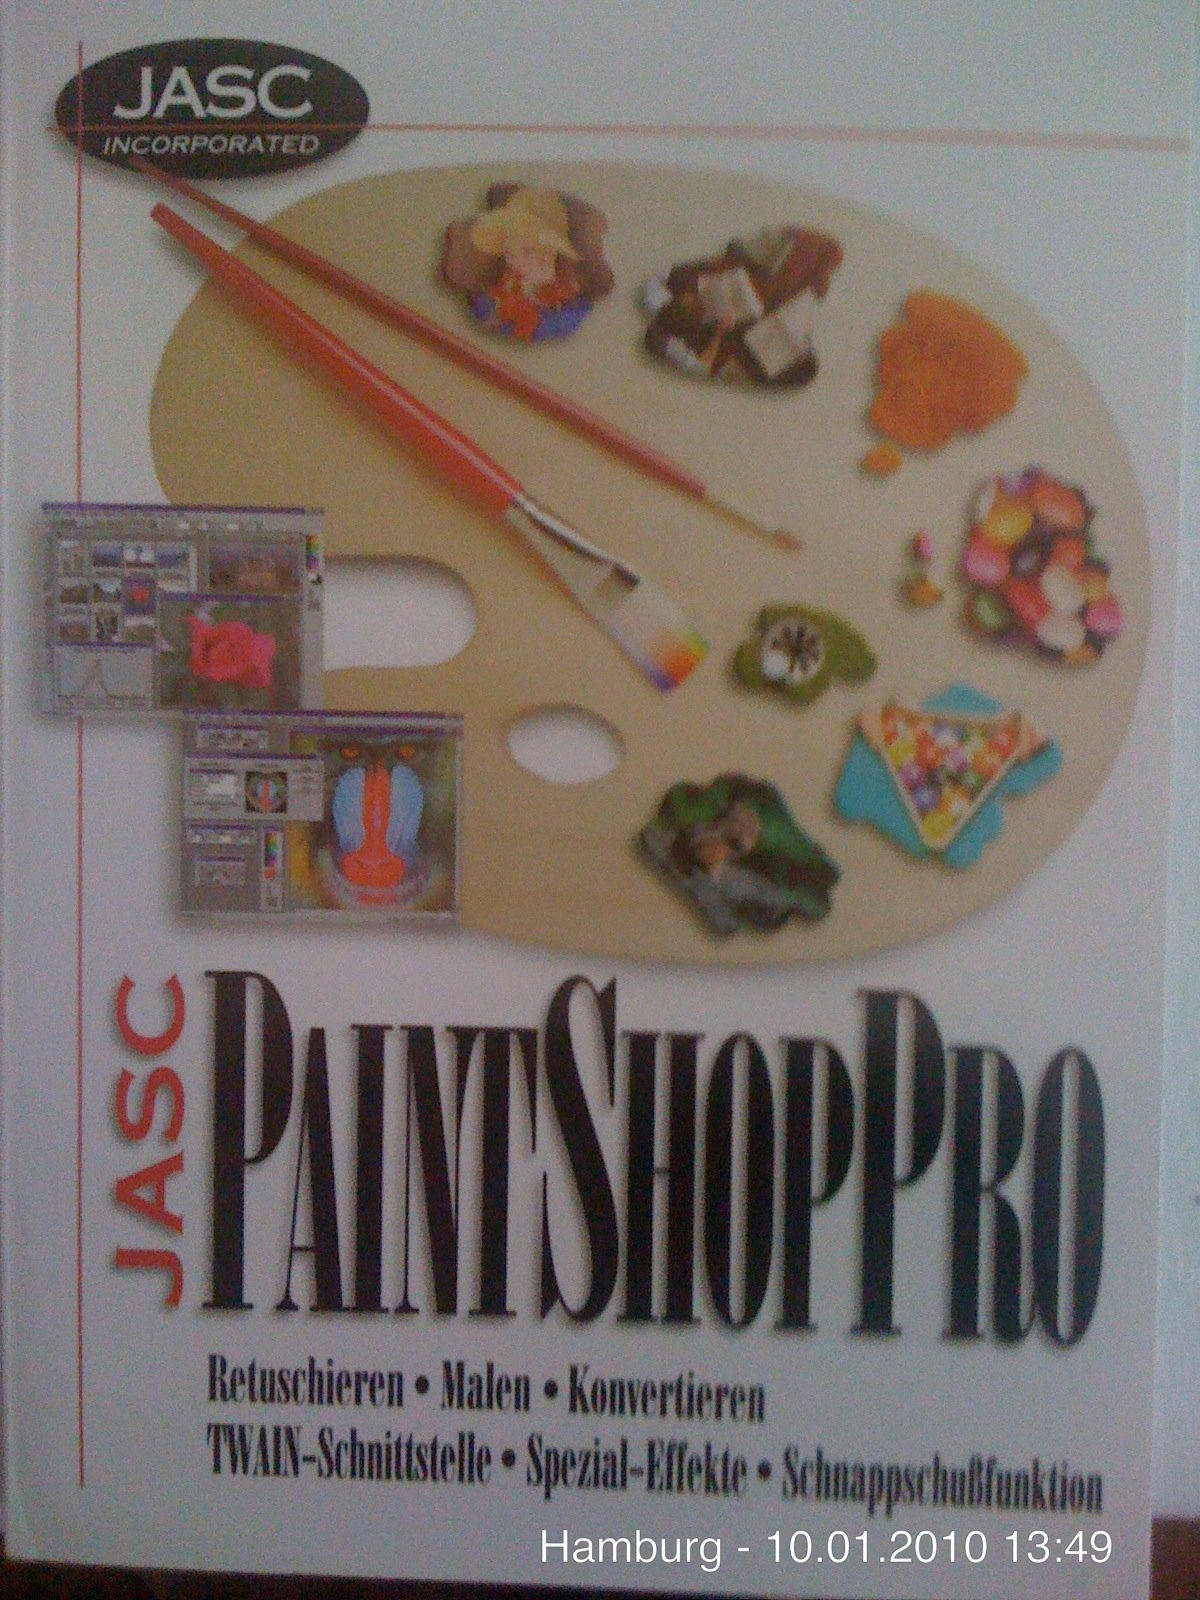 JASC Paintshop Pro Unbekannter Einband – 2012 3927625159